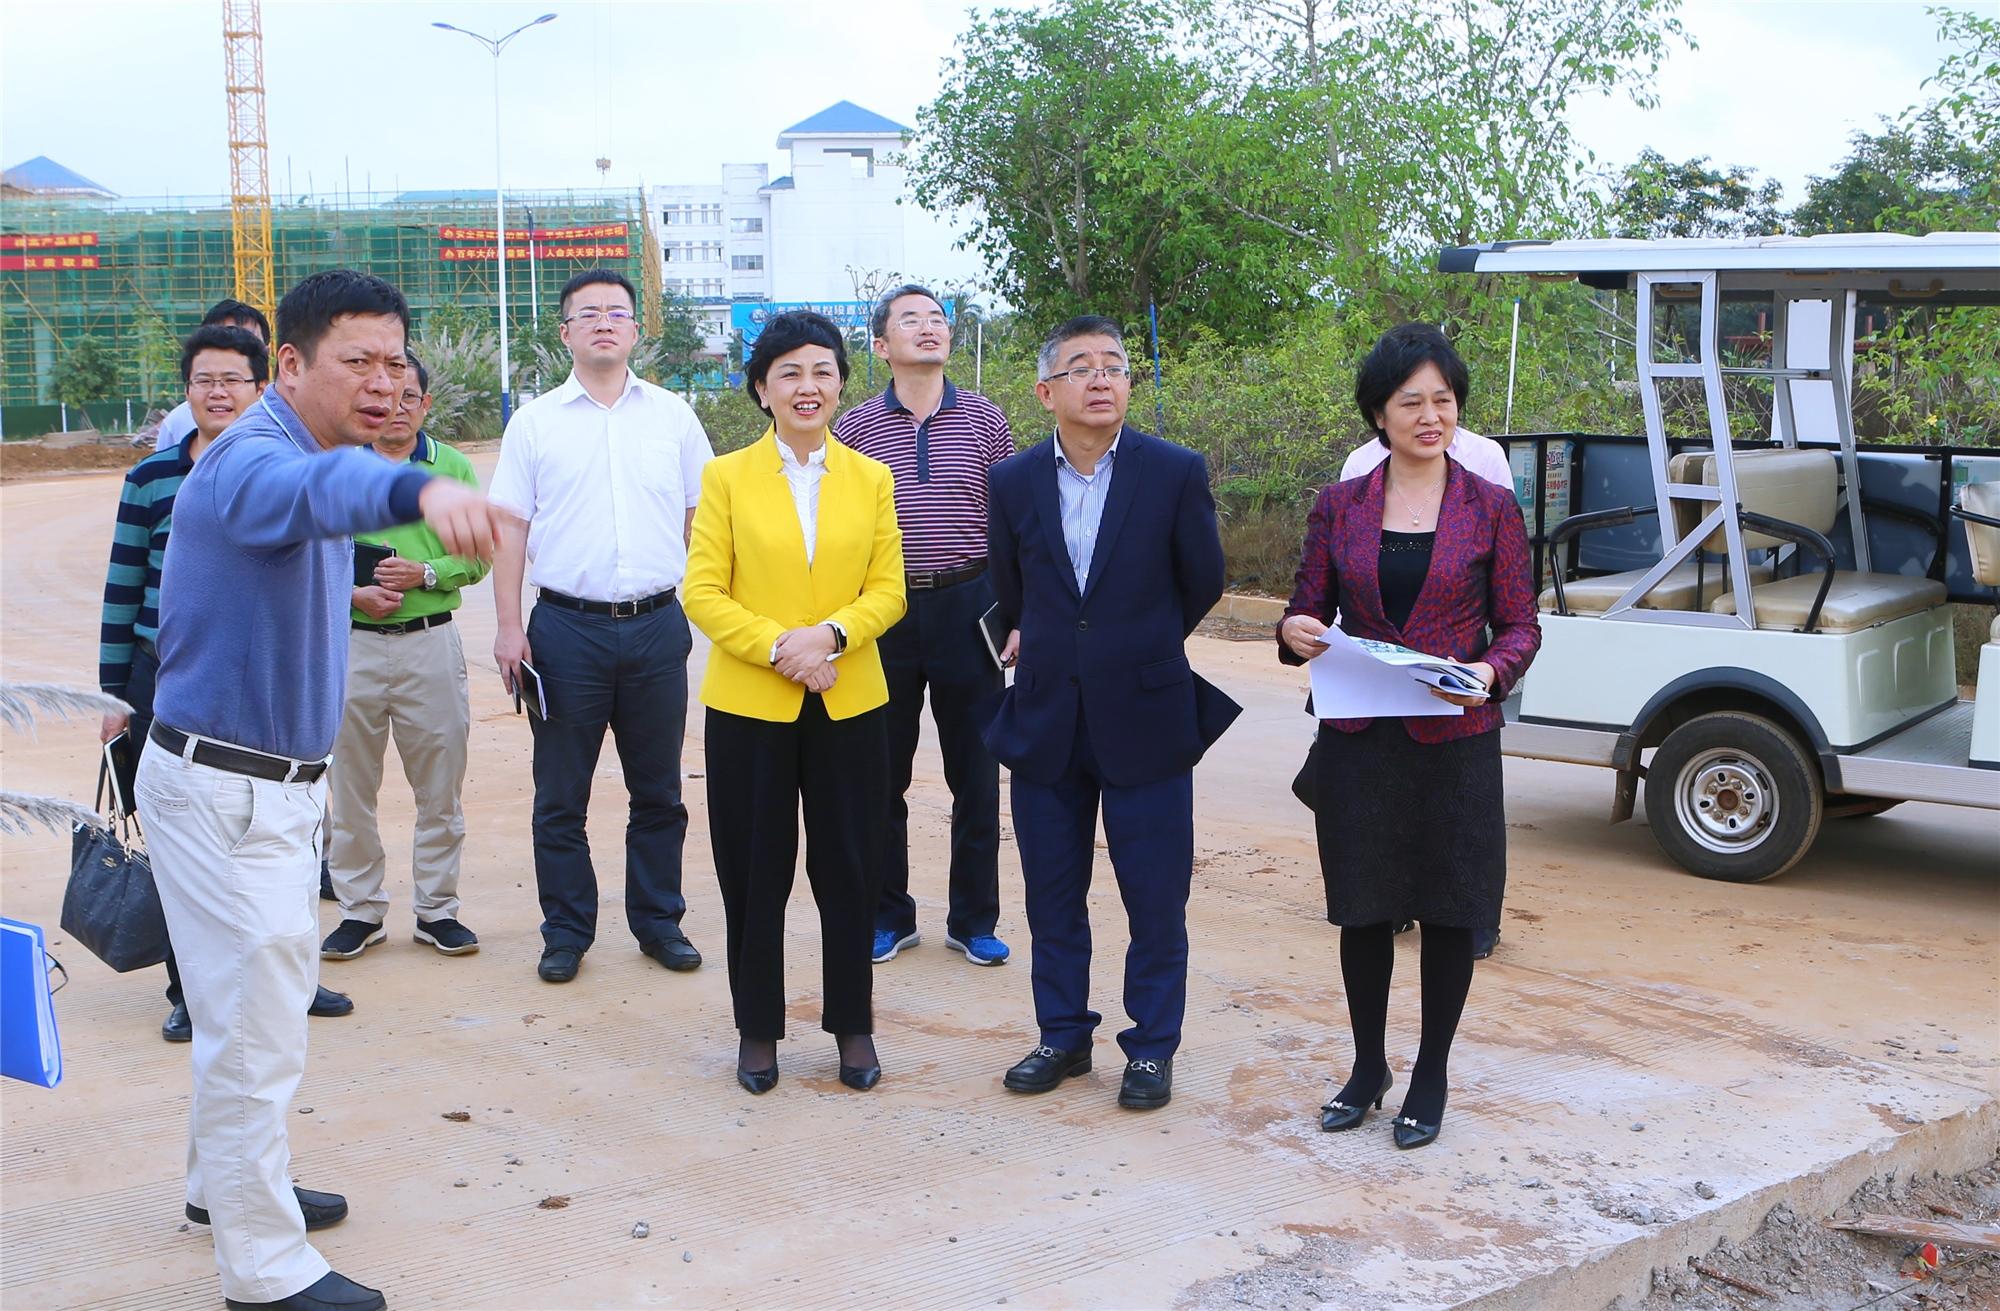 桂林洋开发区工委书记林道坚一行到我校调研